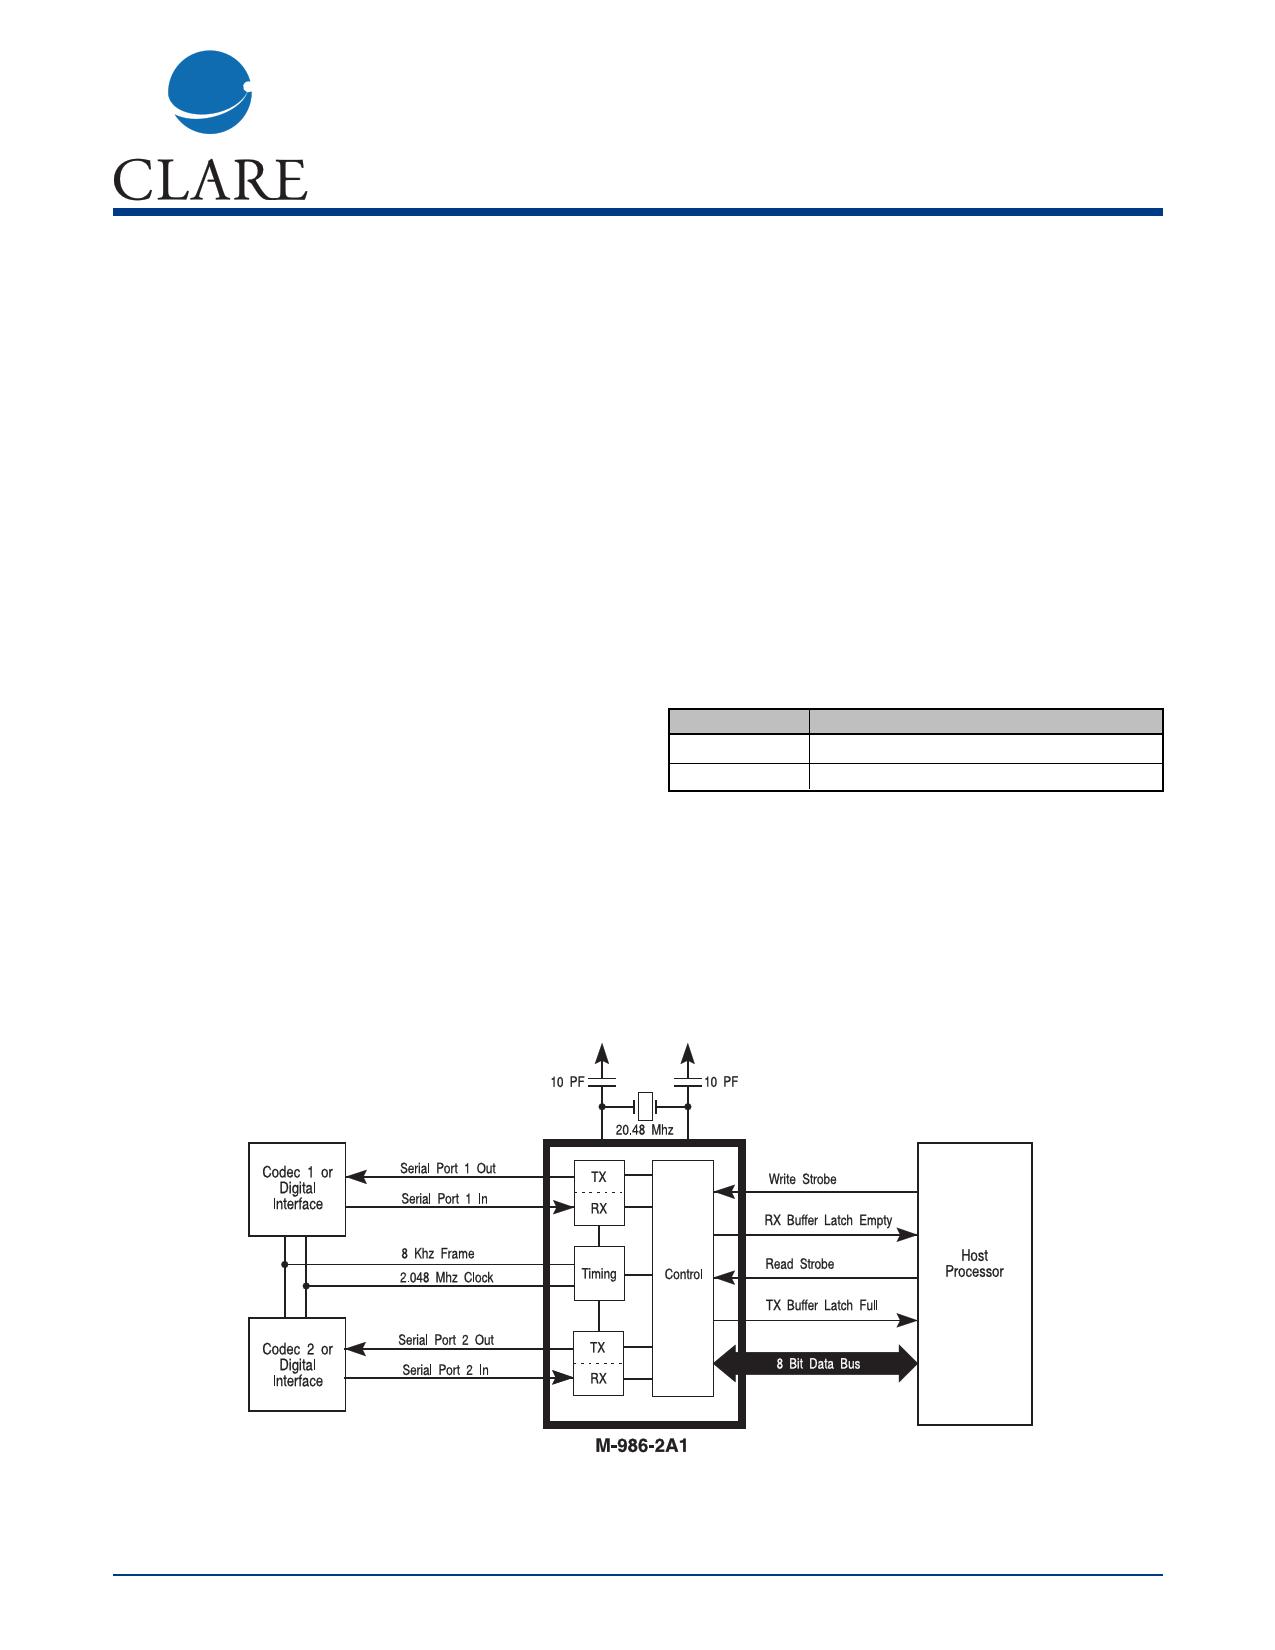 M-986-2A1P datasheet